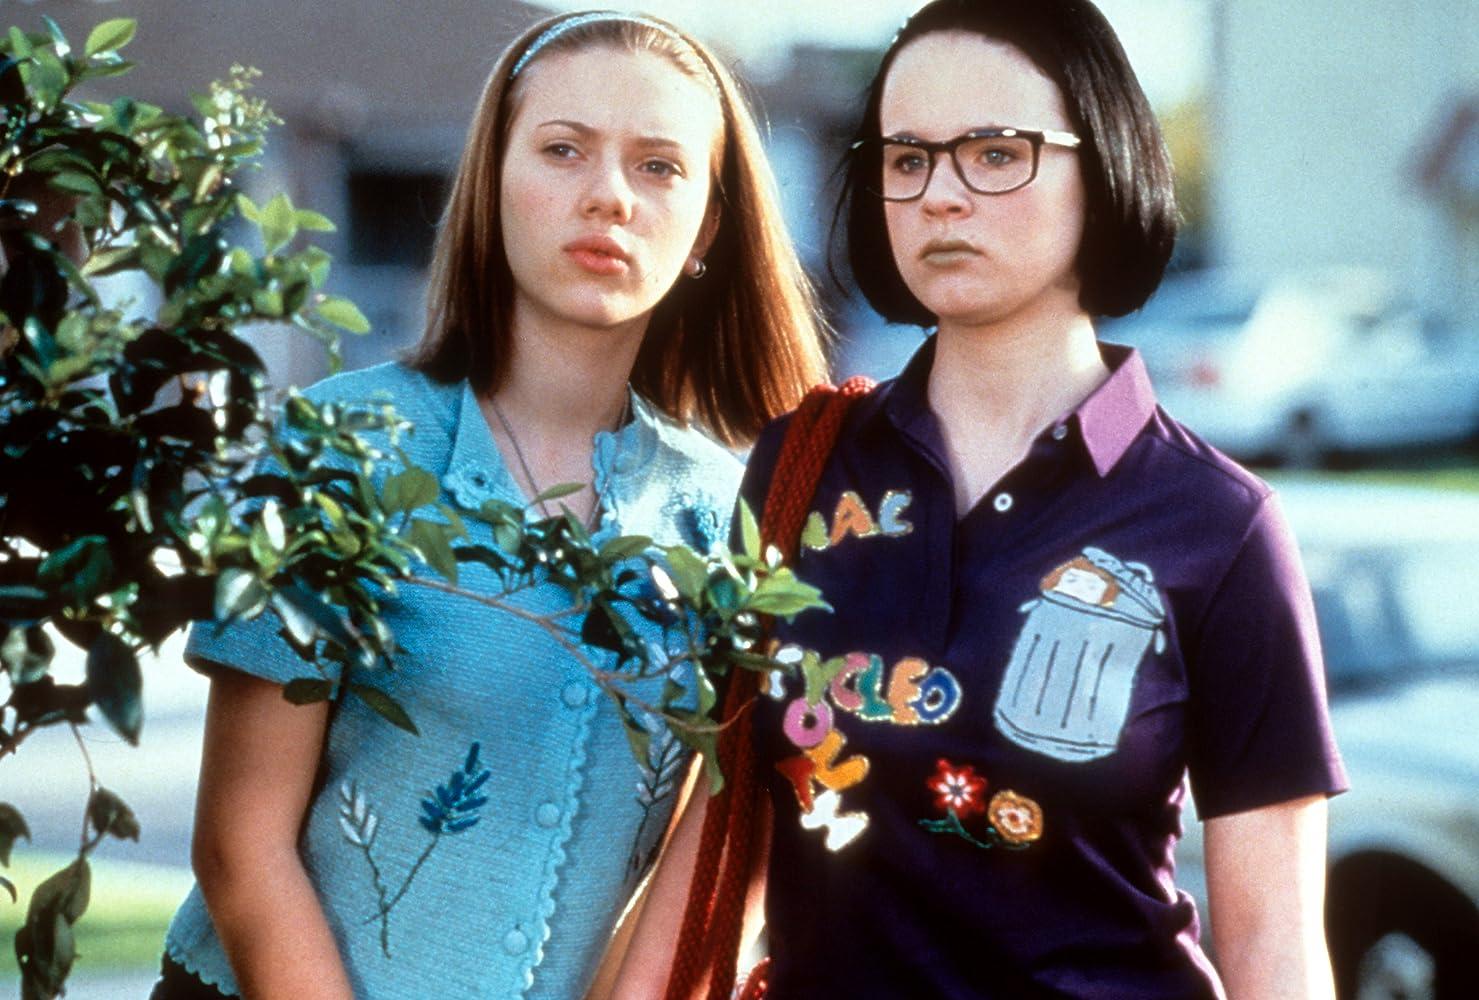 Thora Birch and Scarlett Johansson in Ghost World (2001)